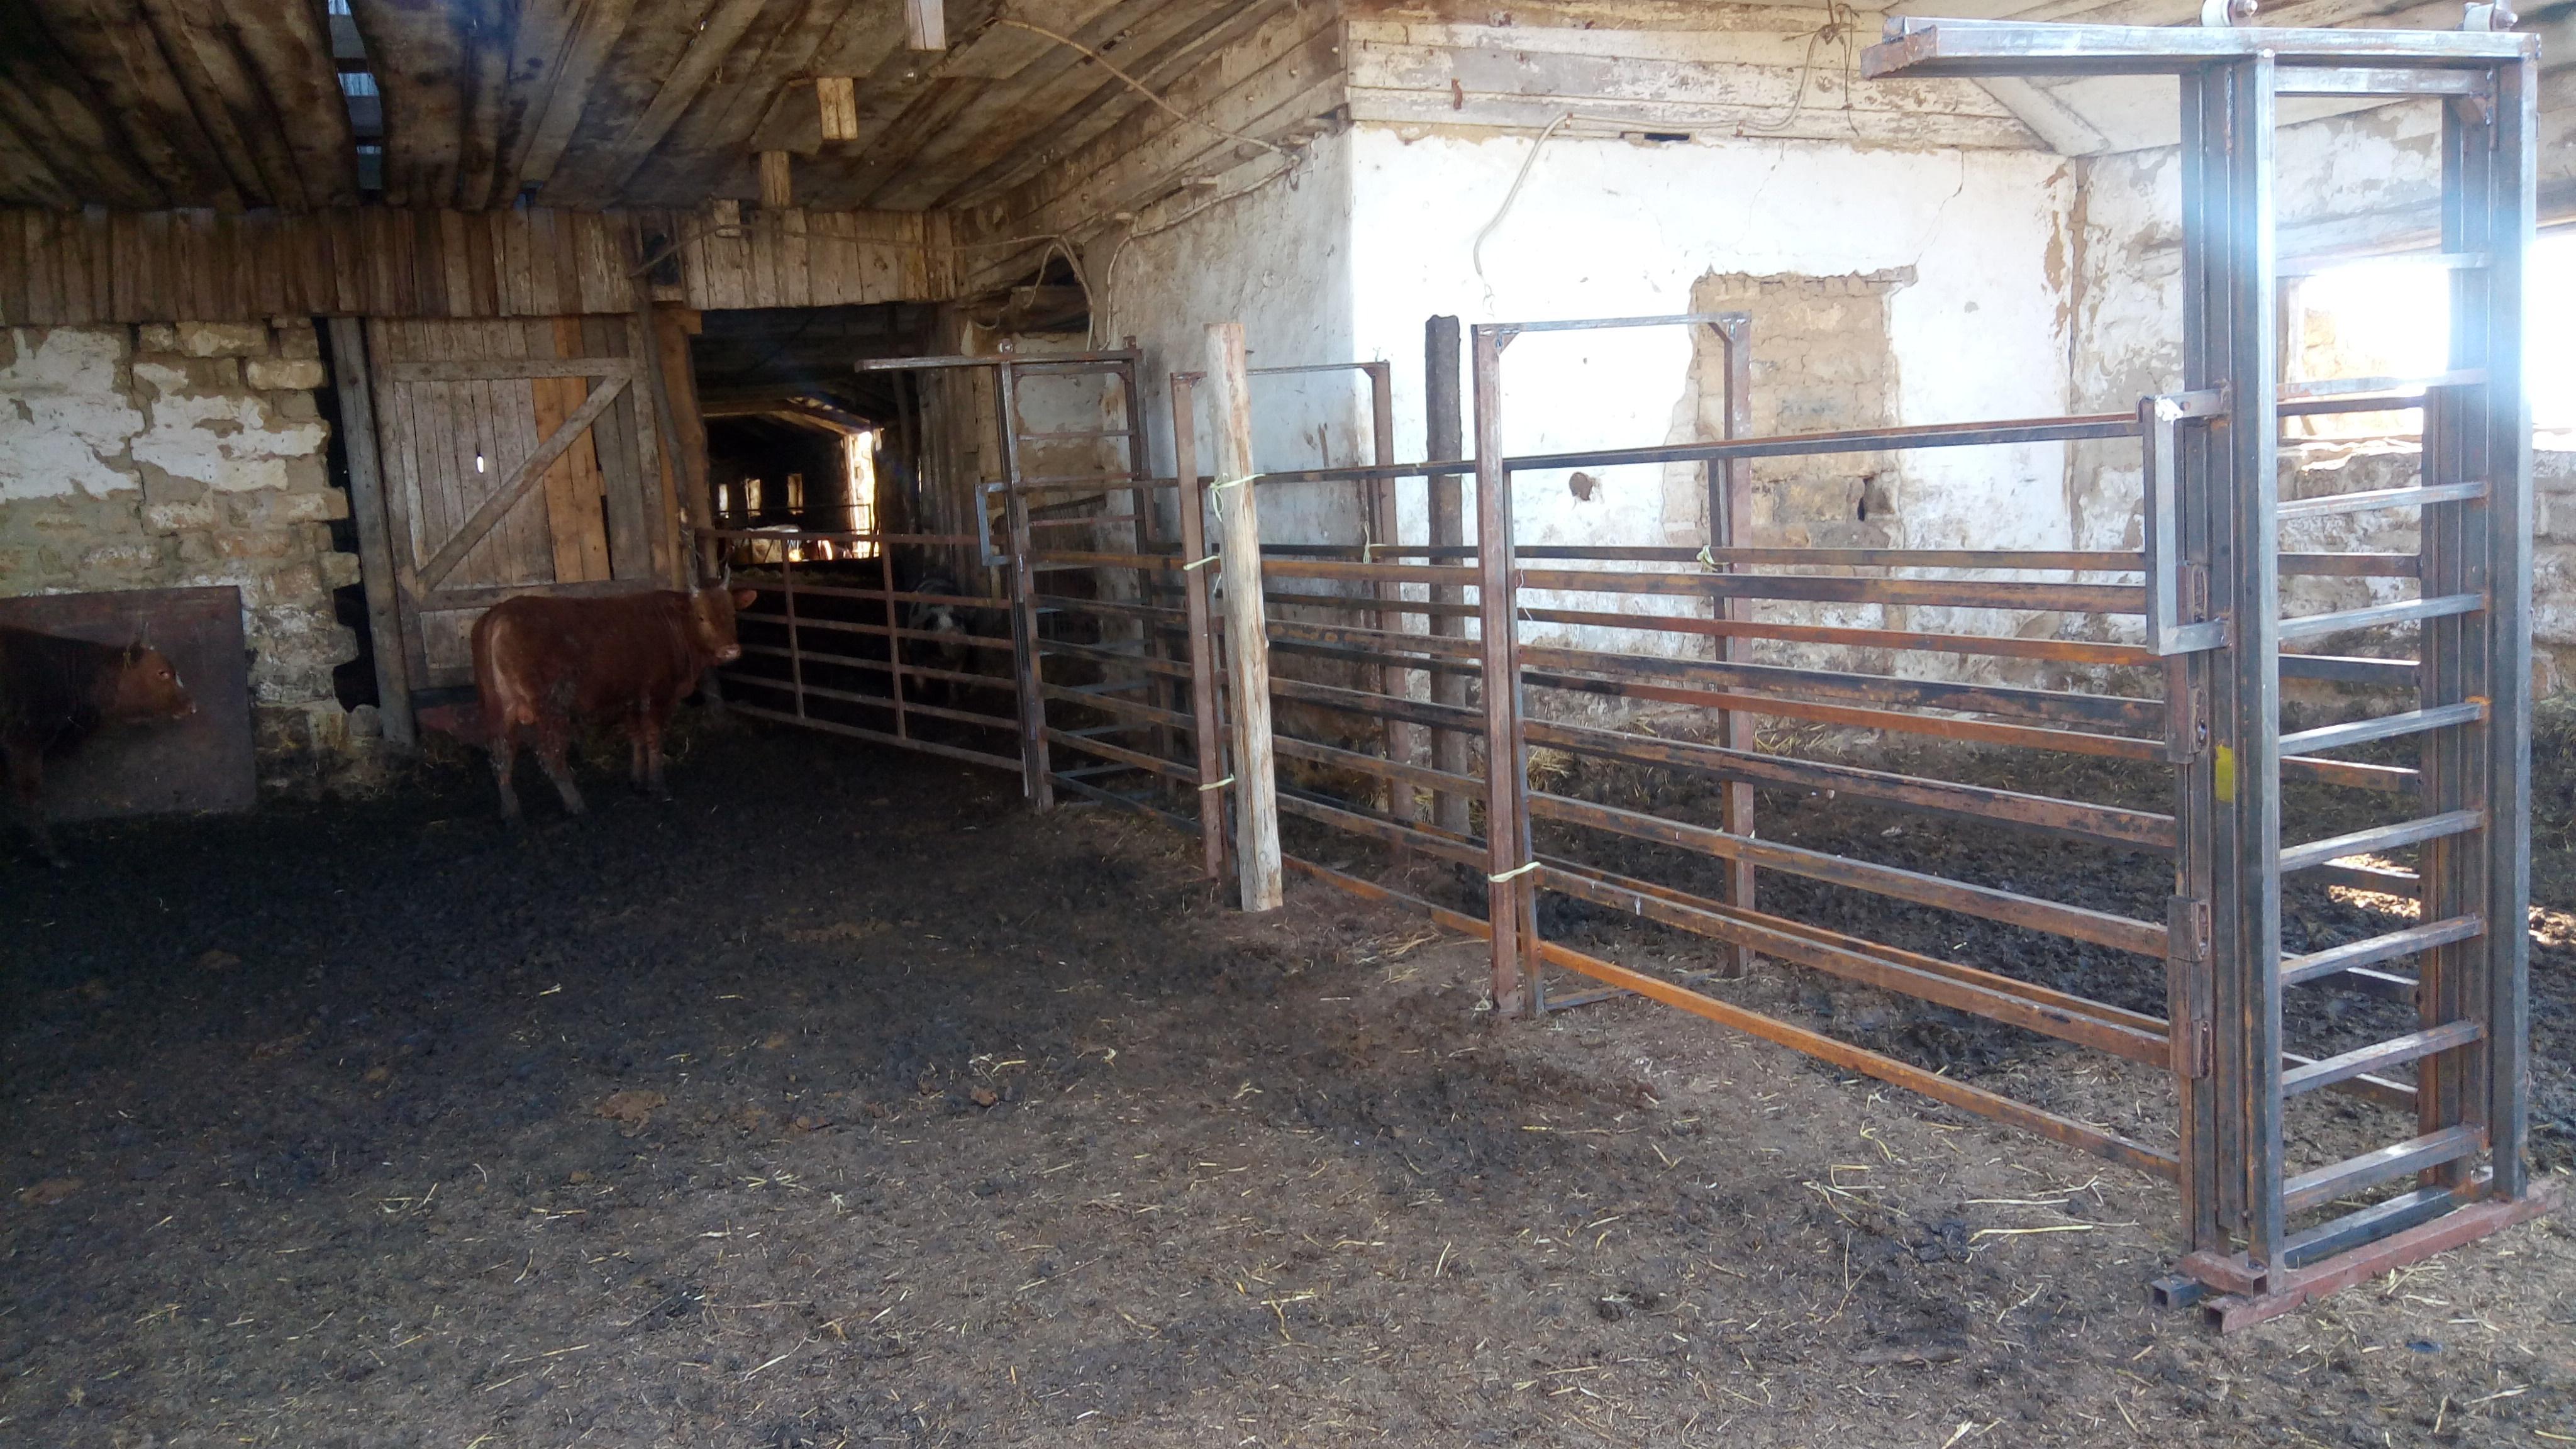 загон для откорма бычков фото настоящее